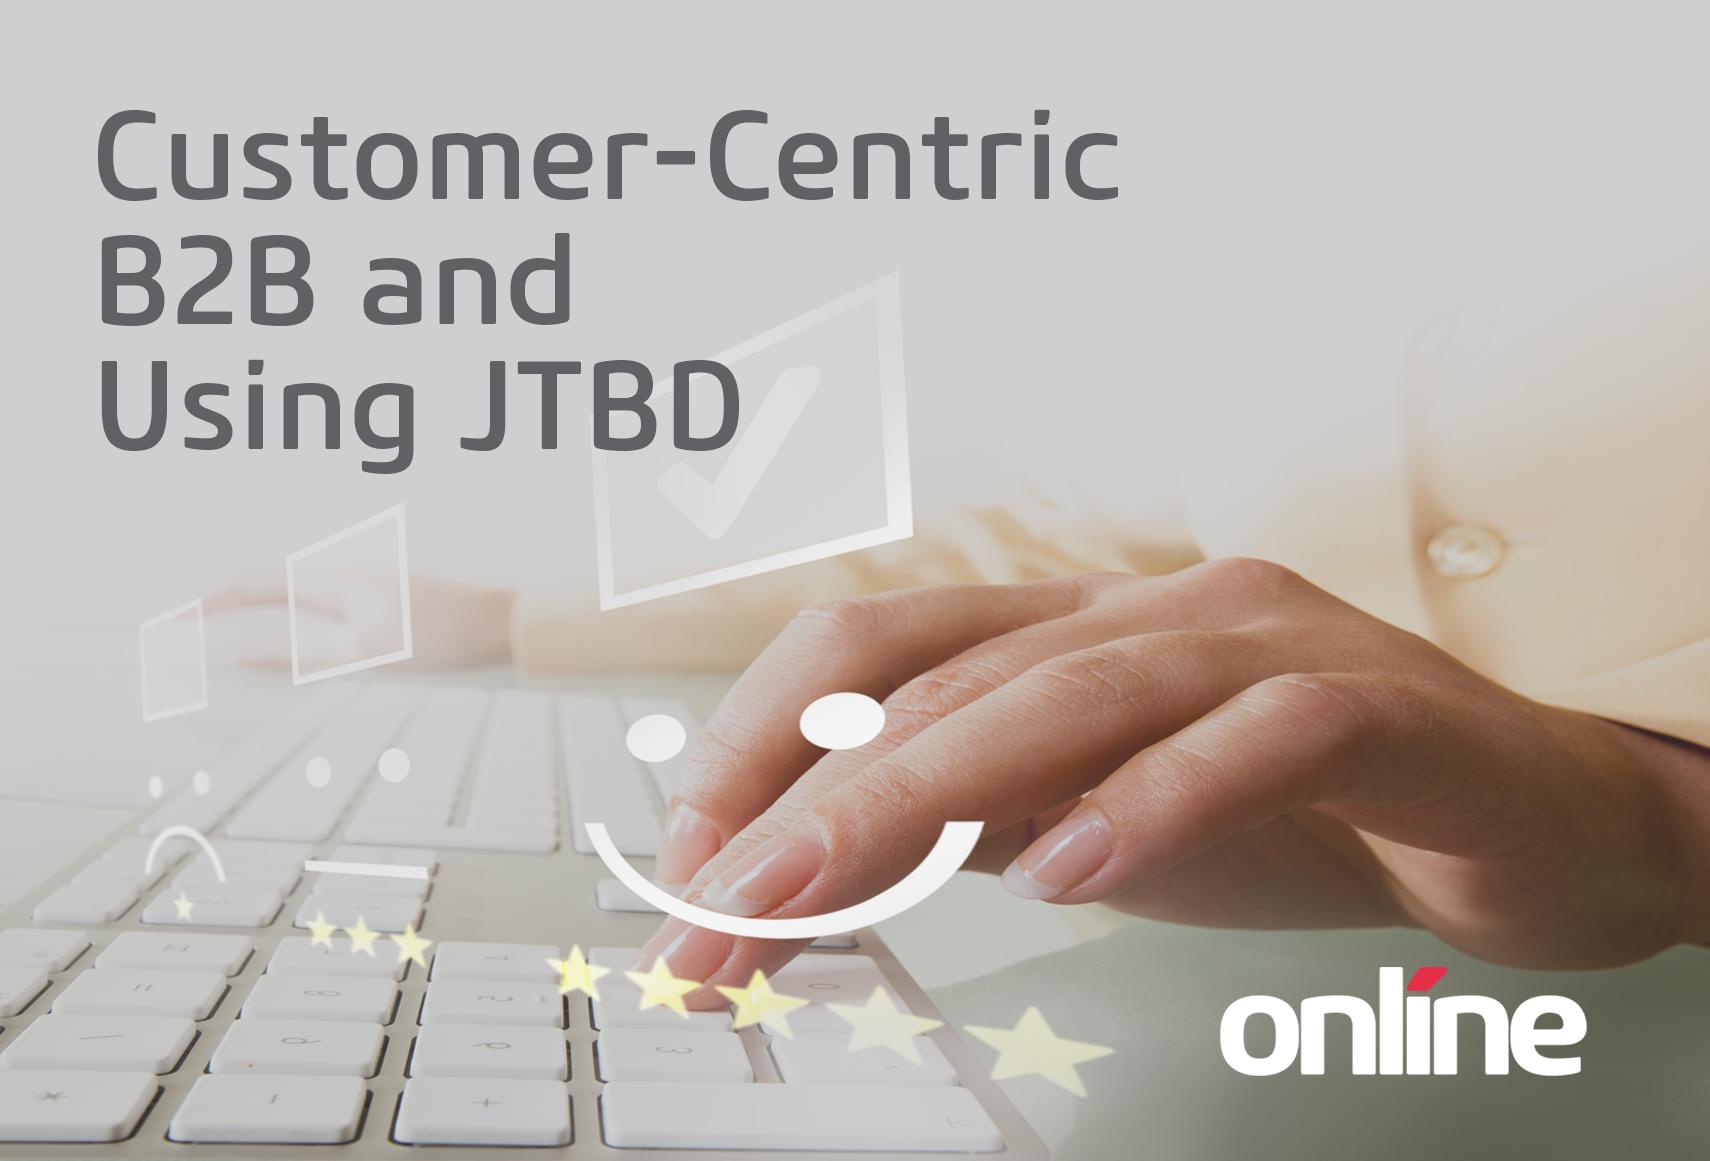 Customer-Centric B2B